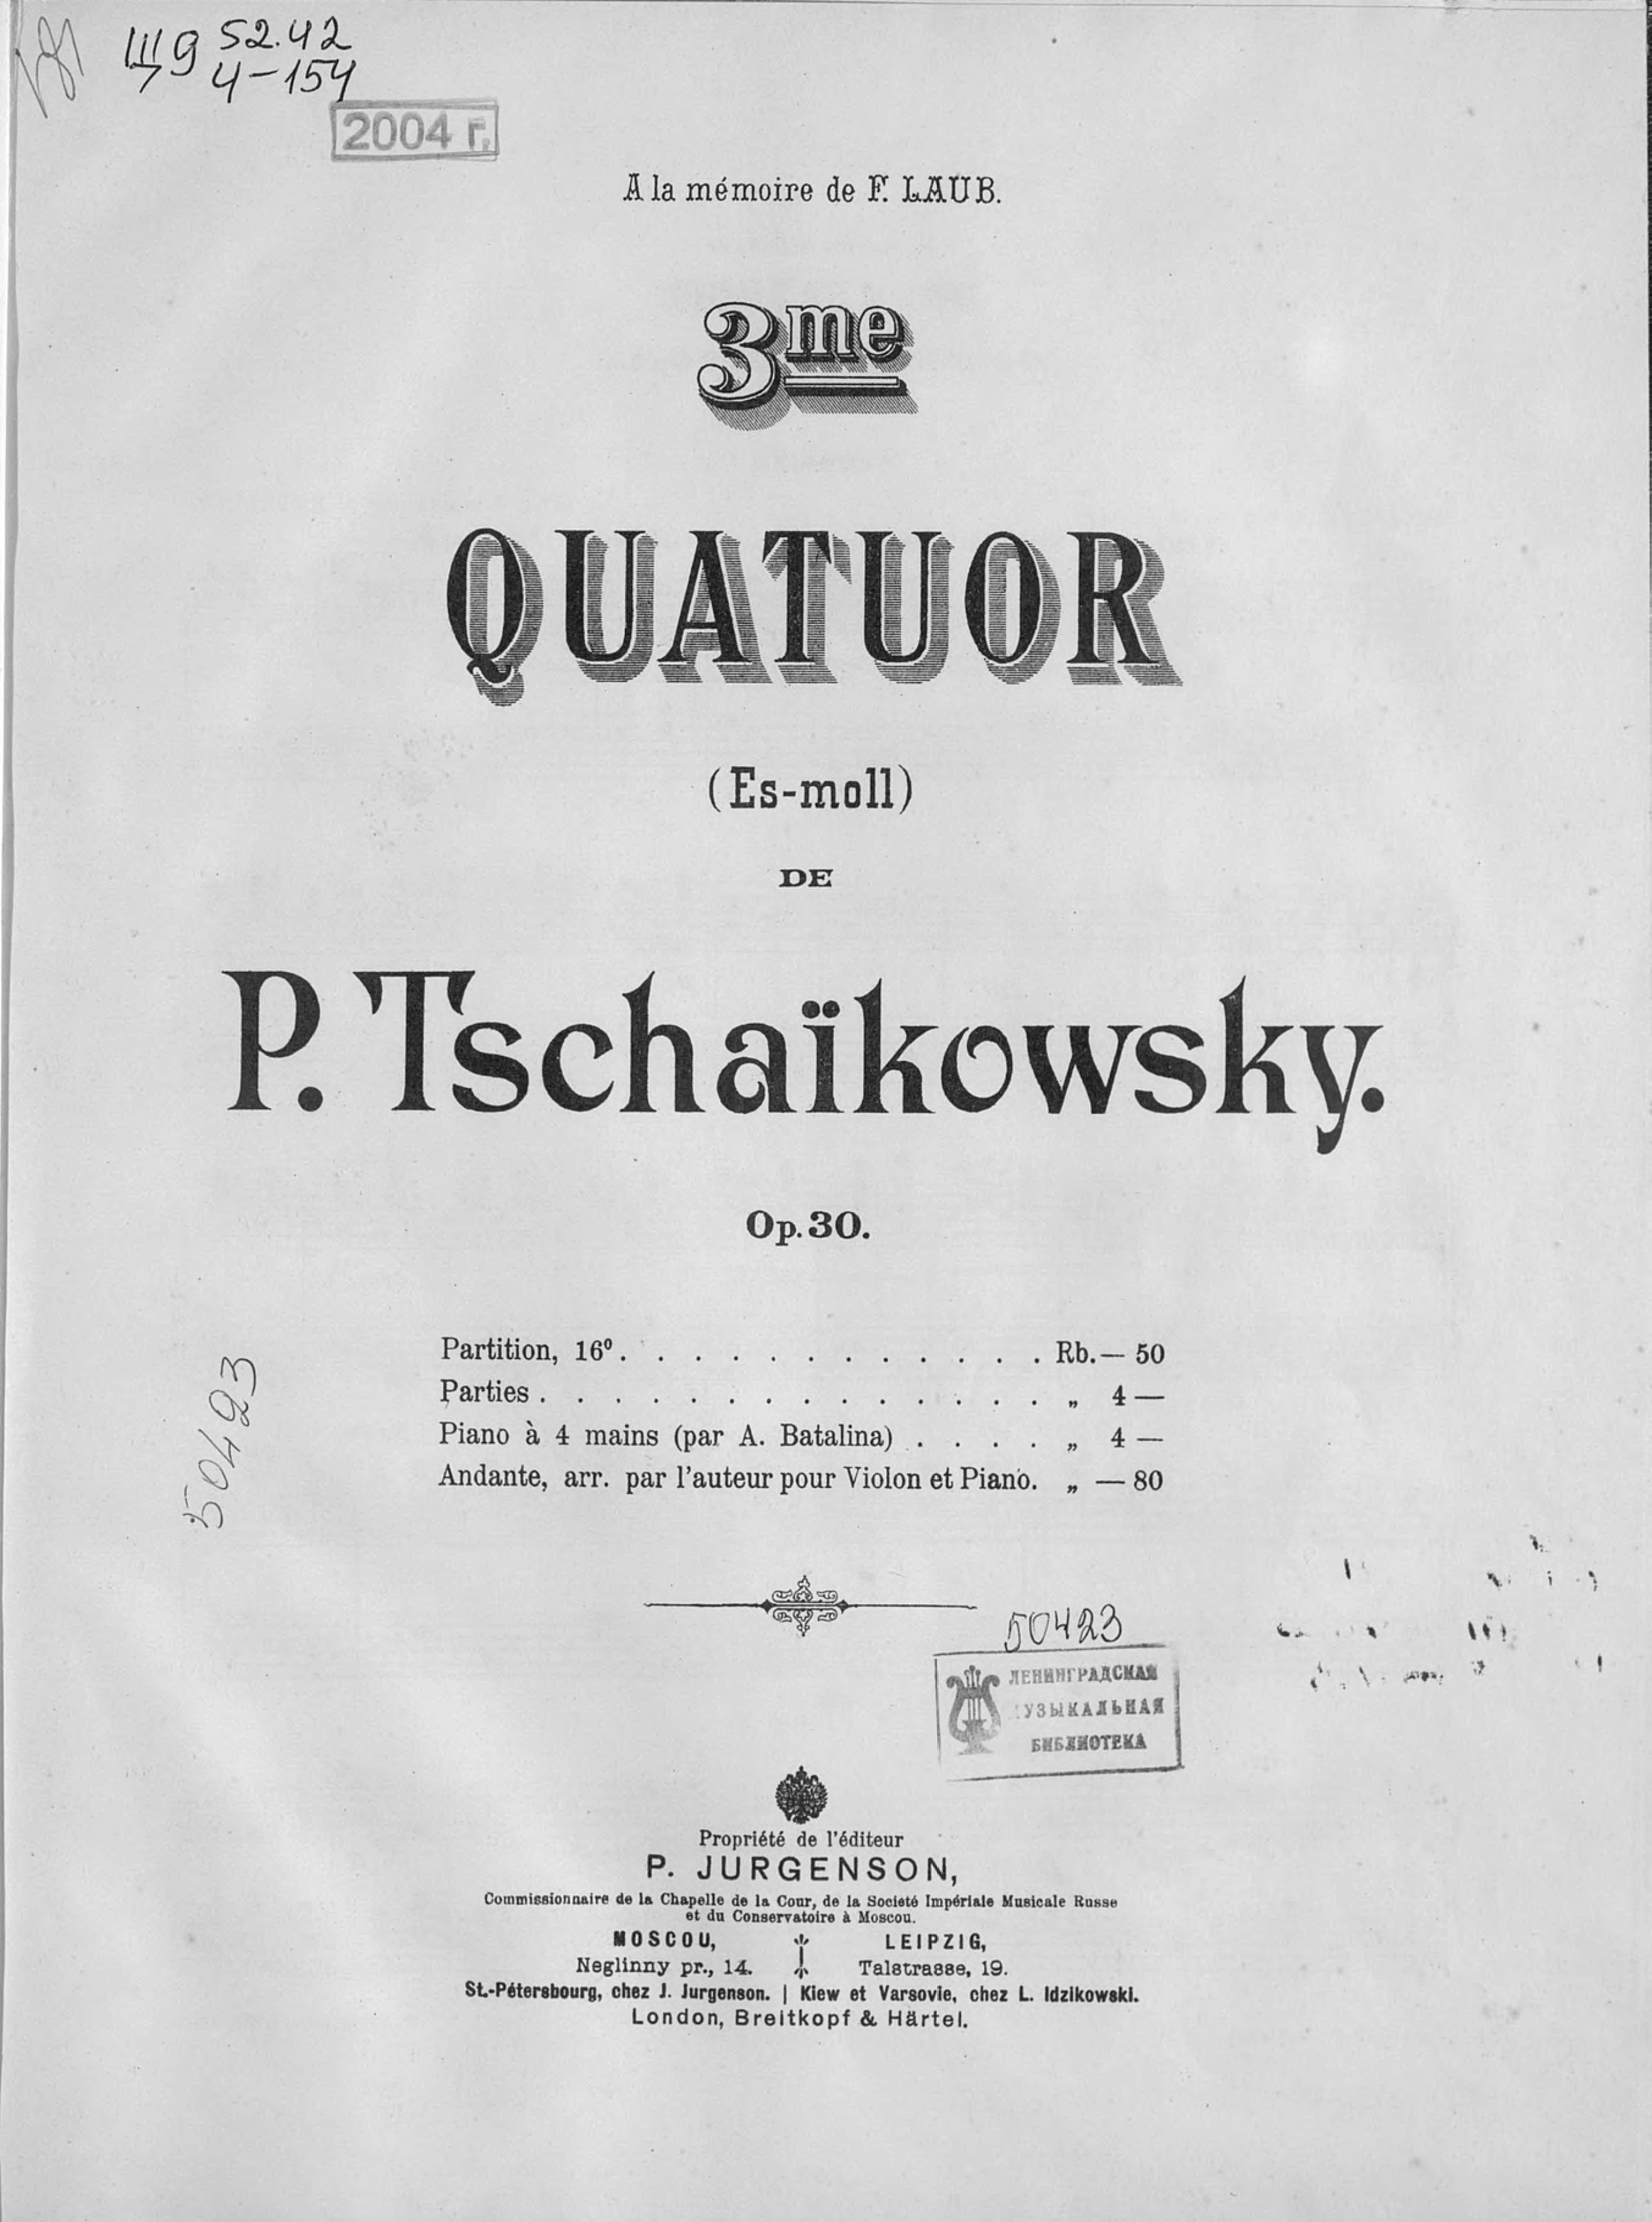 Петр Ильич Чайковский 3 Quatuor Es-moll de P. Tschaikowsky aa0f68b6be1c9